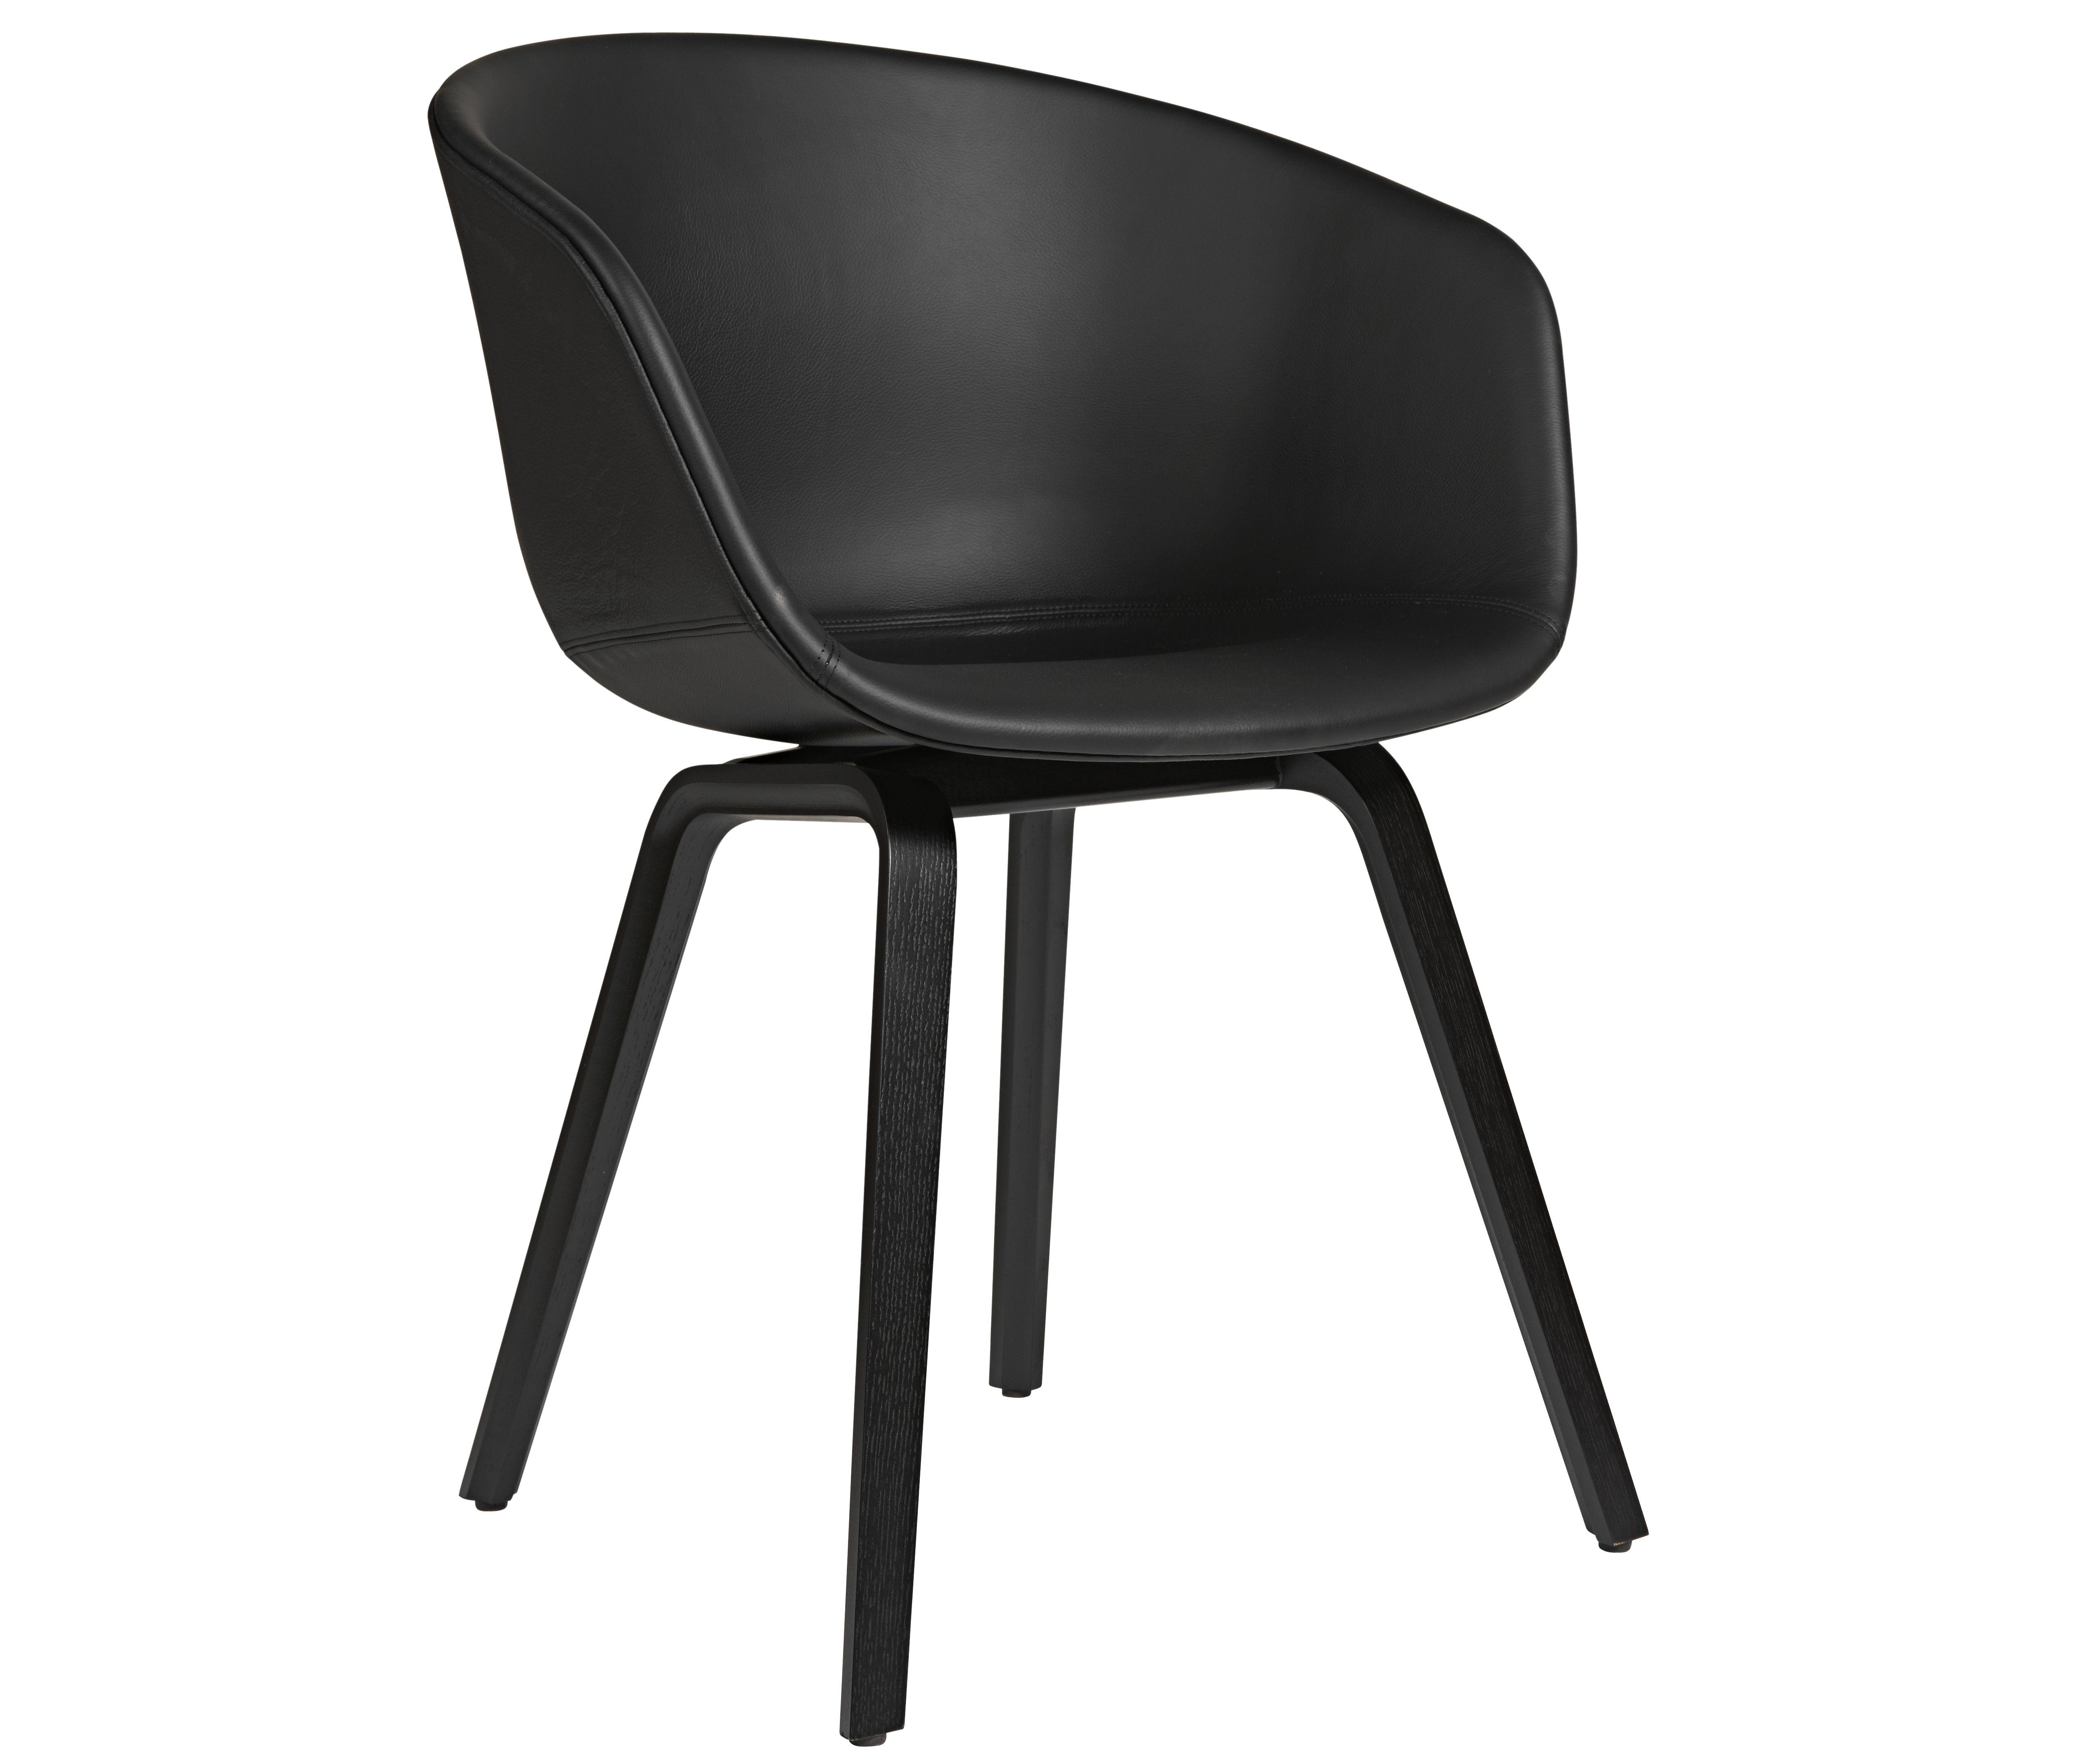 Mobilier - Chaises, fauteuils de salle à manger - Fauteuil rembourré About a chair AAC23 / Cuir intégral & chêne teinté - Hay - Noir / Pieds noirs - Contreplaqué de chêne teinté, Cuir, Mousse, Polypropylène